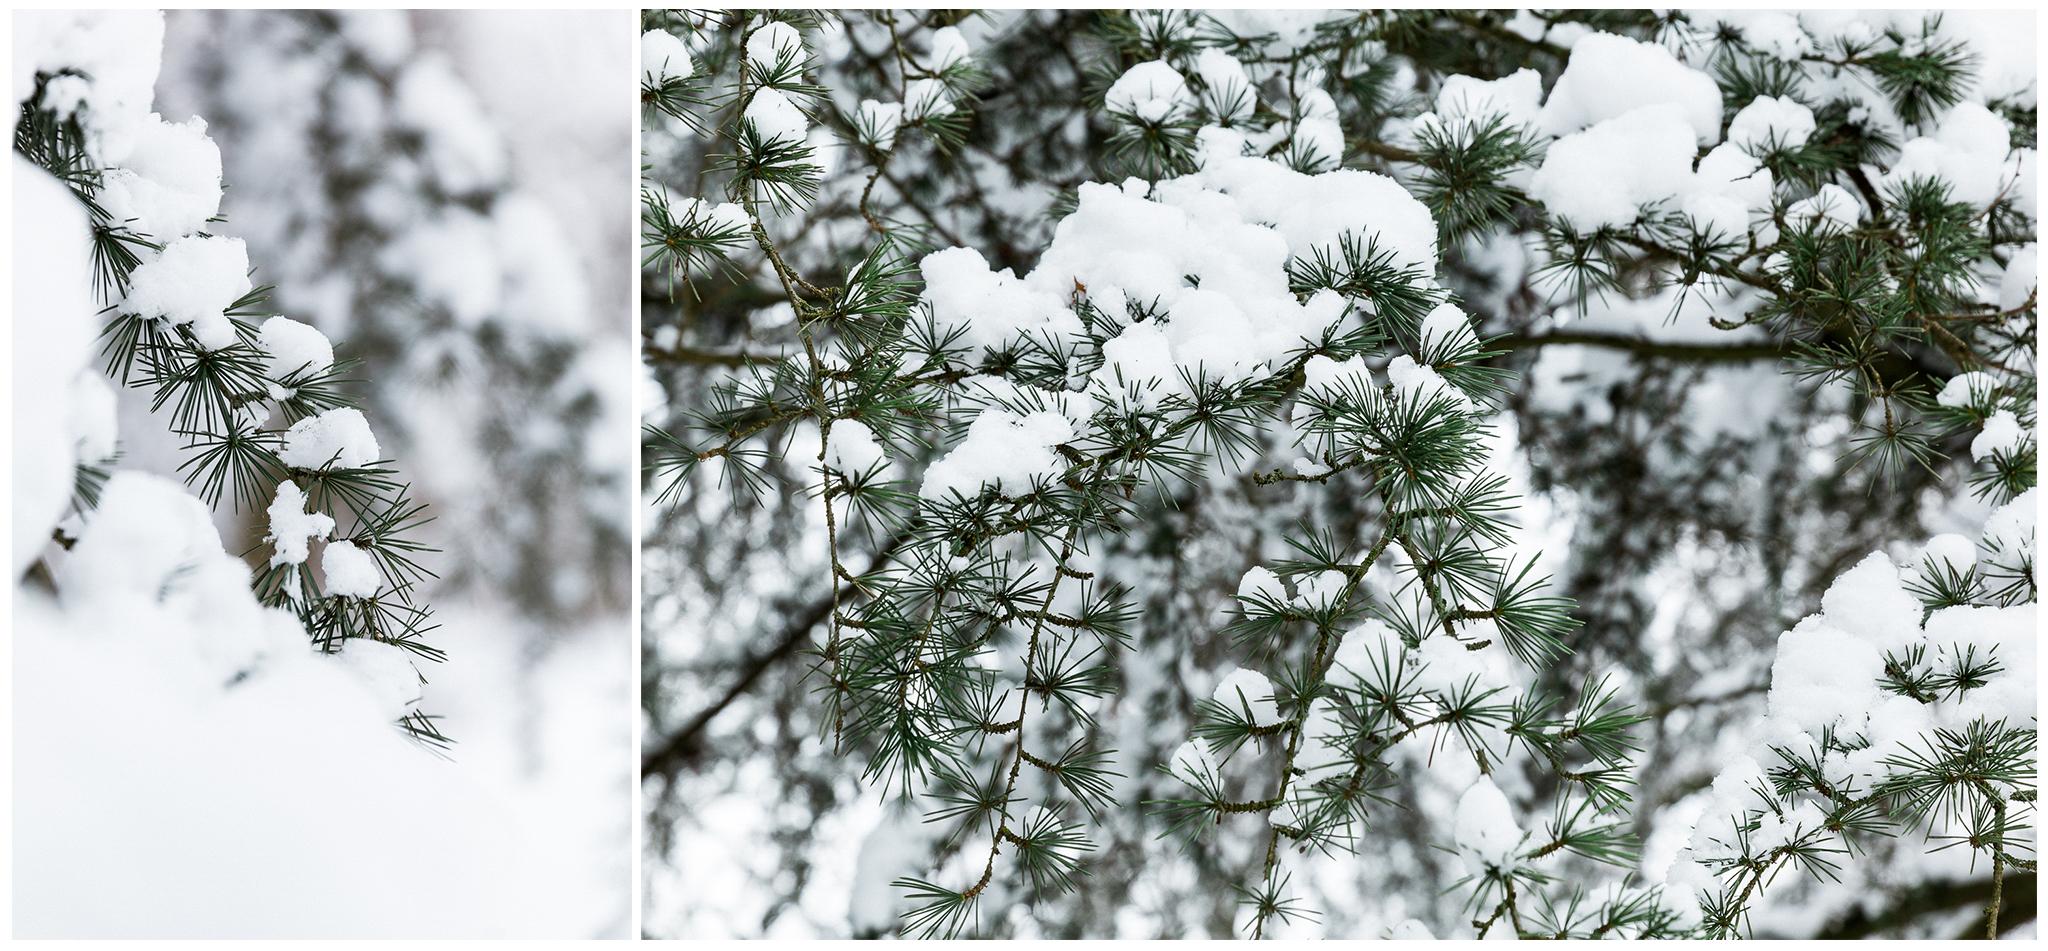 Körmend,Várkert,tél,2018,Fülöp Péter, fylepphoto, Vasmegye, Dunántúl_002.jpg